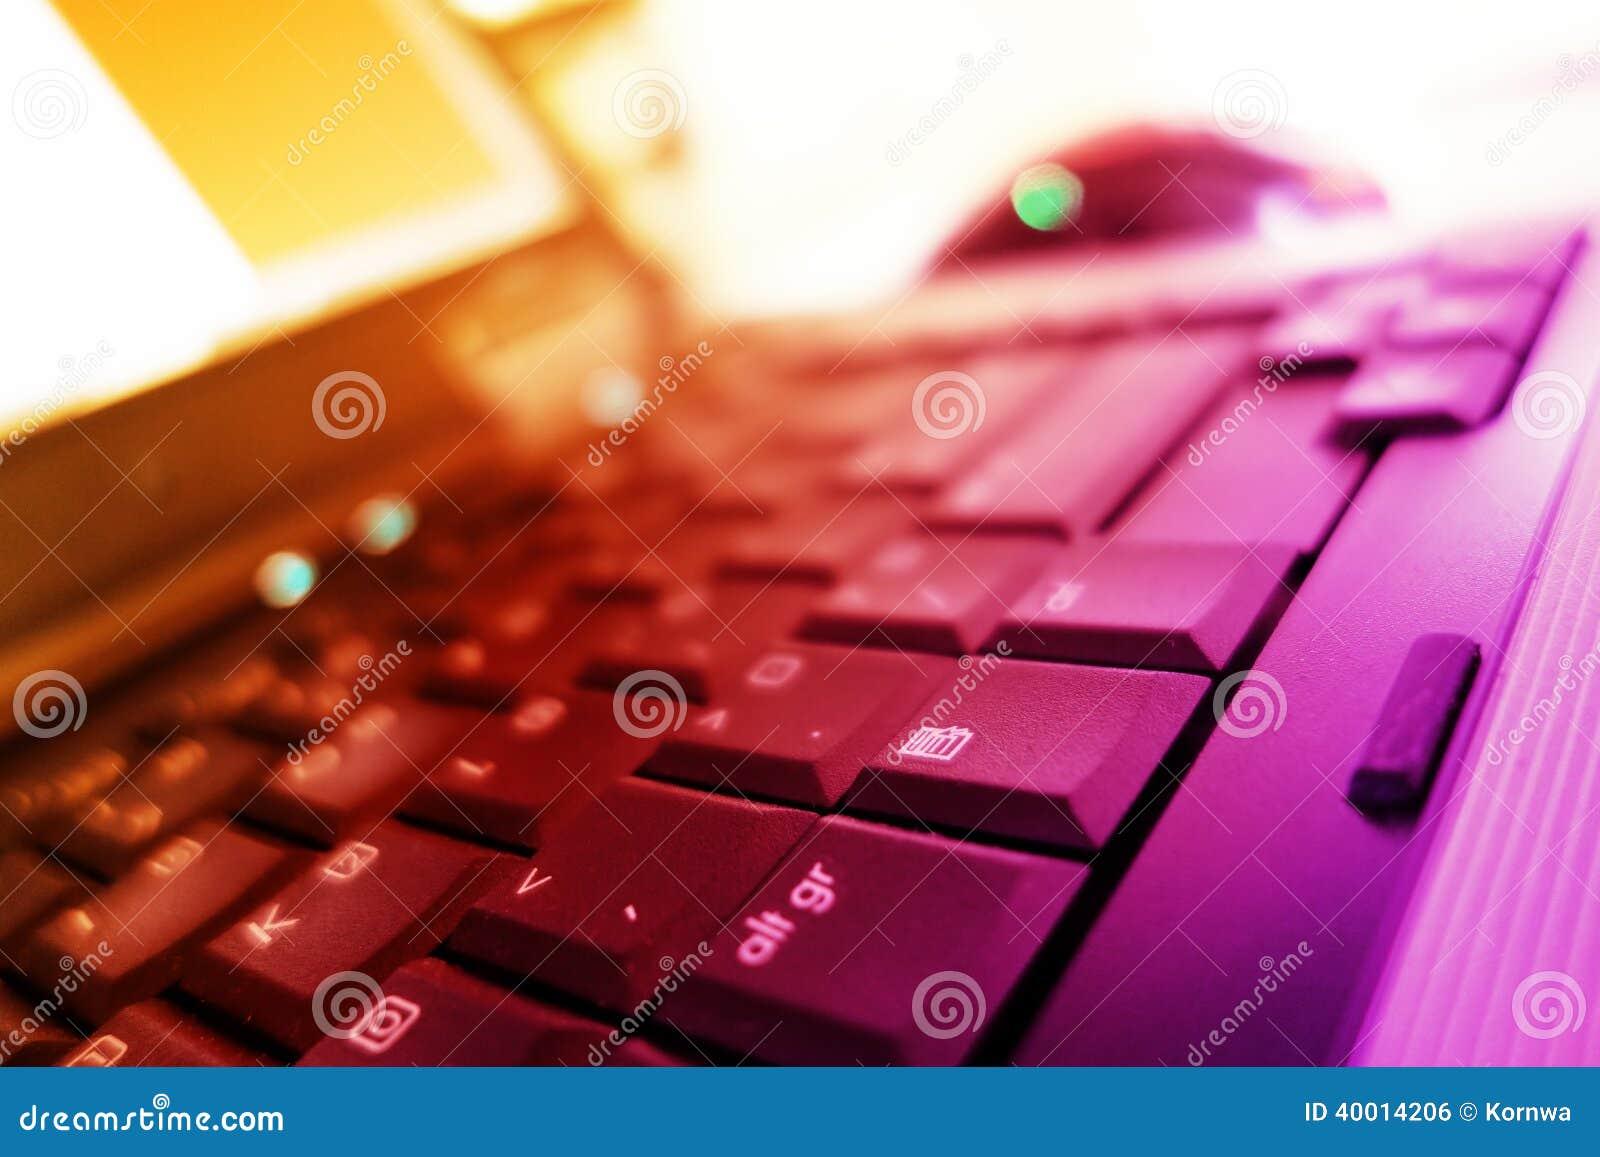 Anteckningsboktangentbord i varma färger